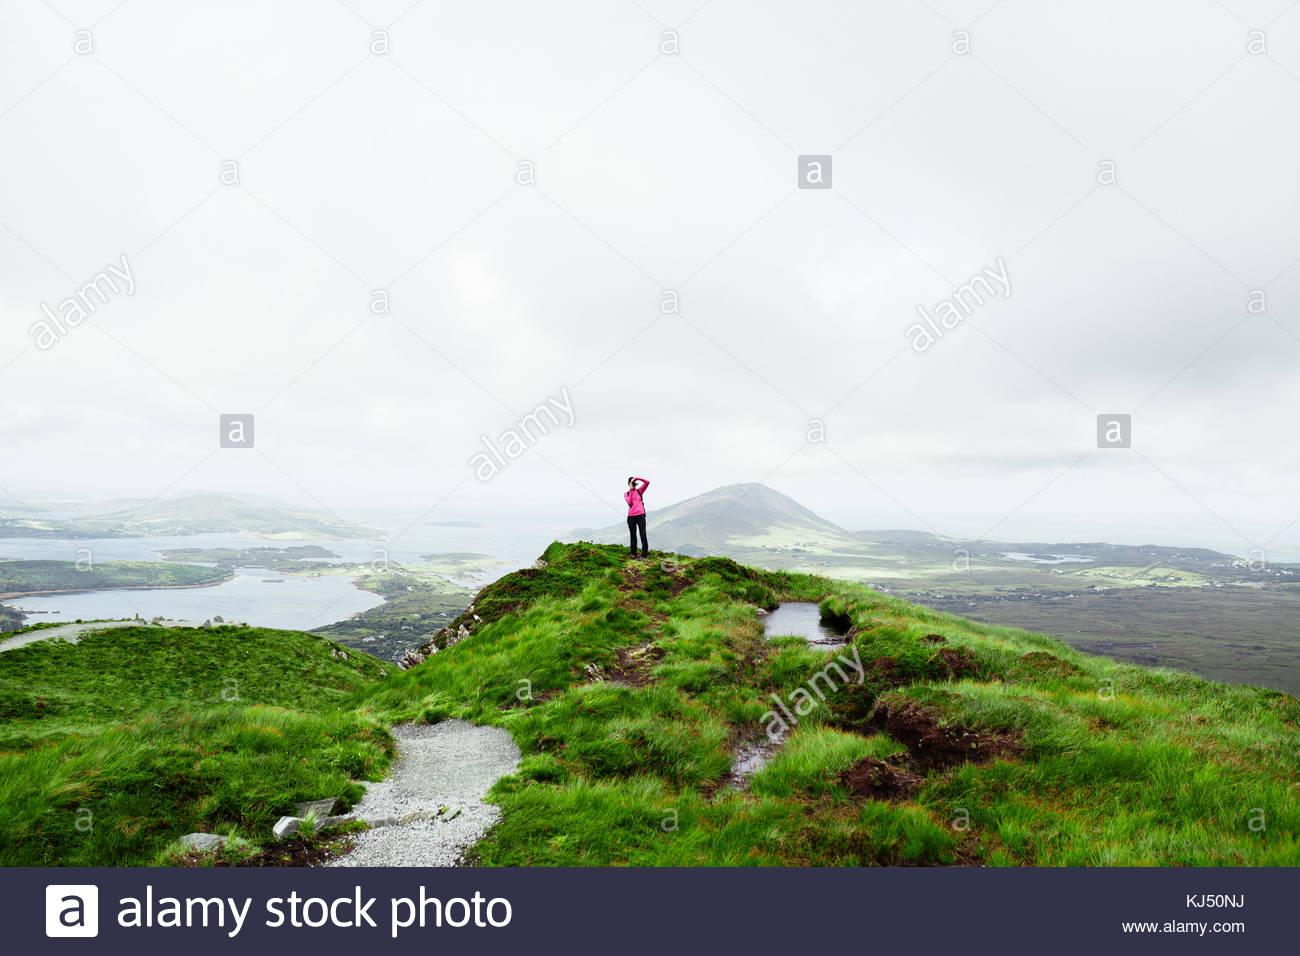 Caminante en el pico de la montaña Imagen De Stock